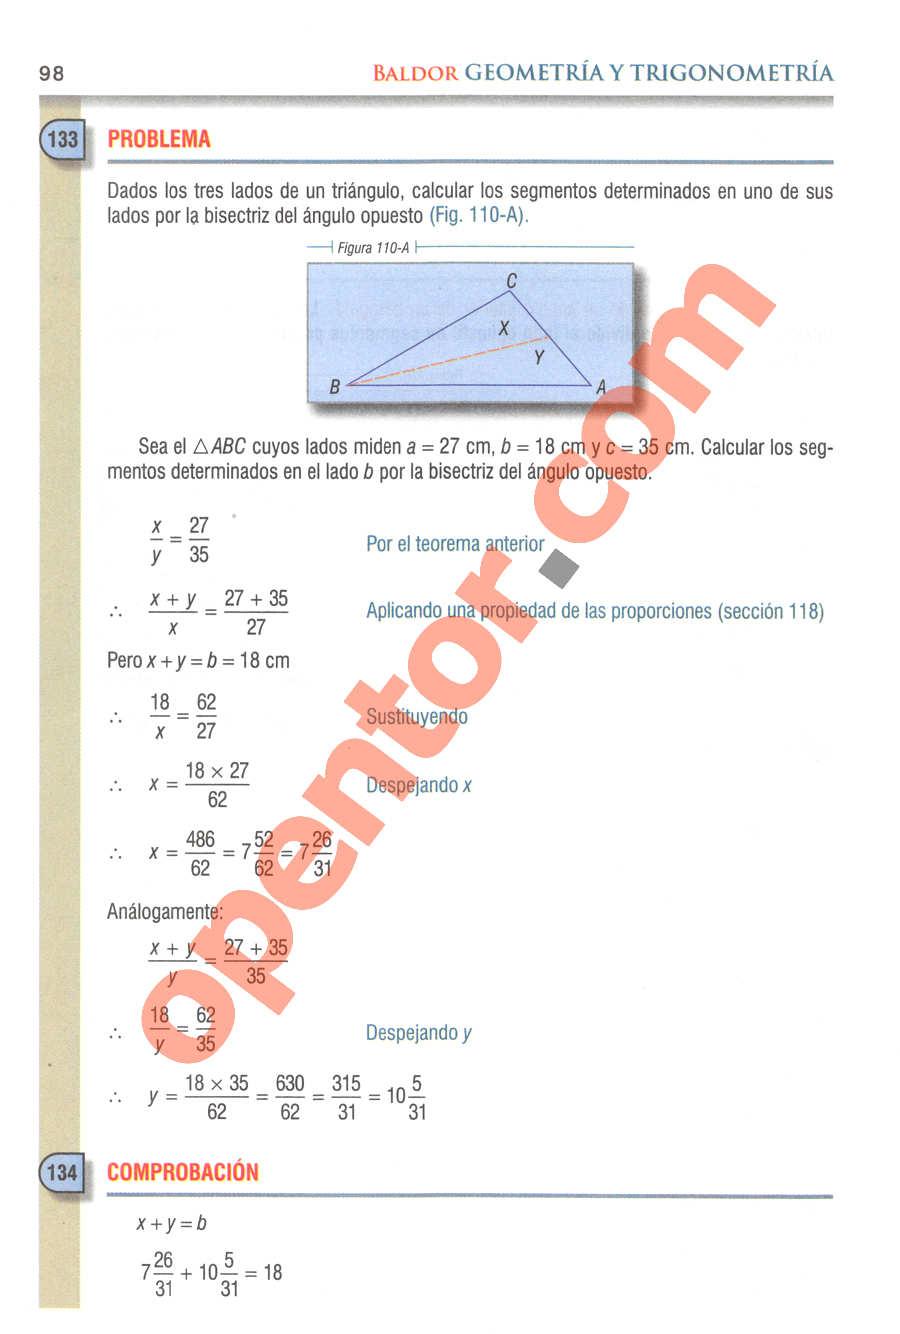 Geometría y Trigonometría de Baldor - Página 98